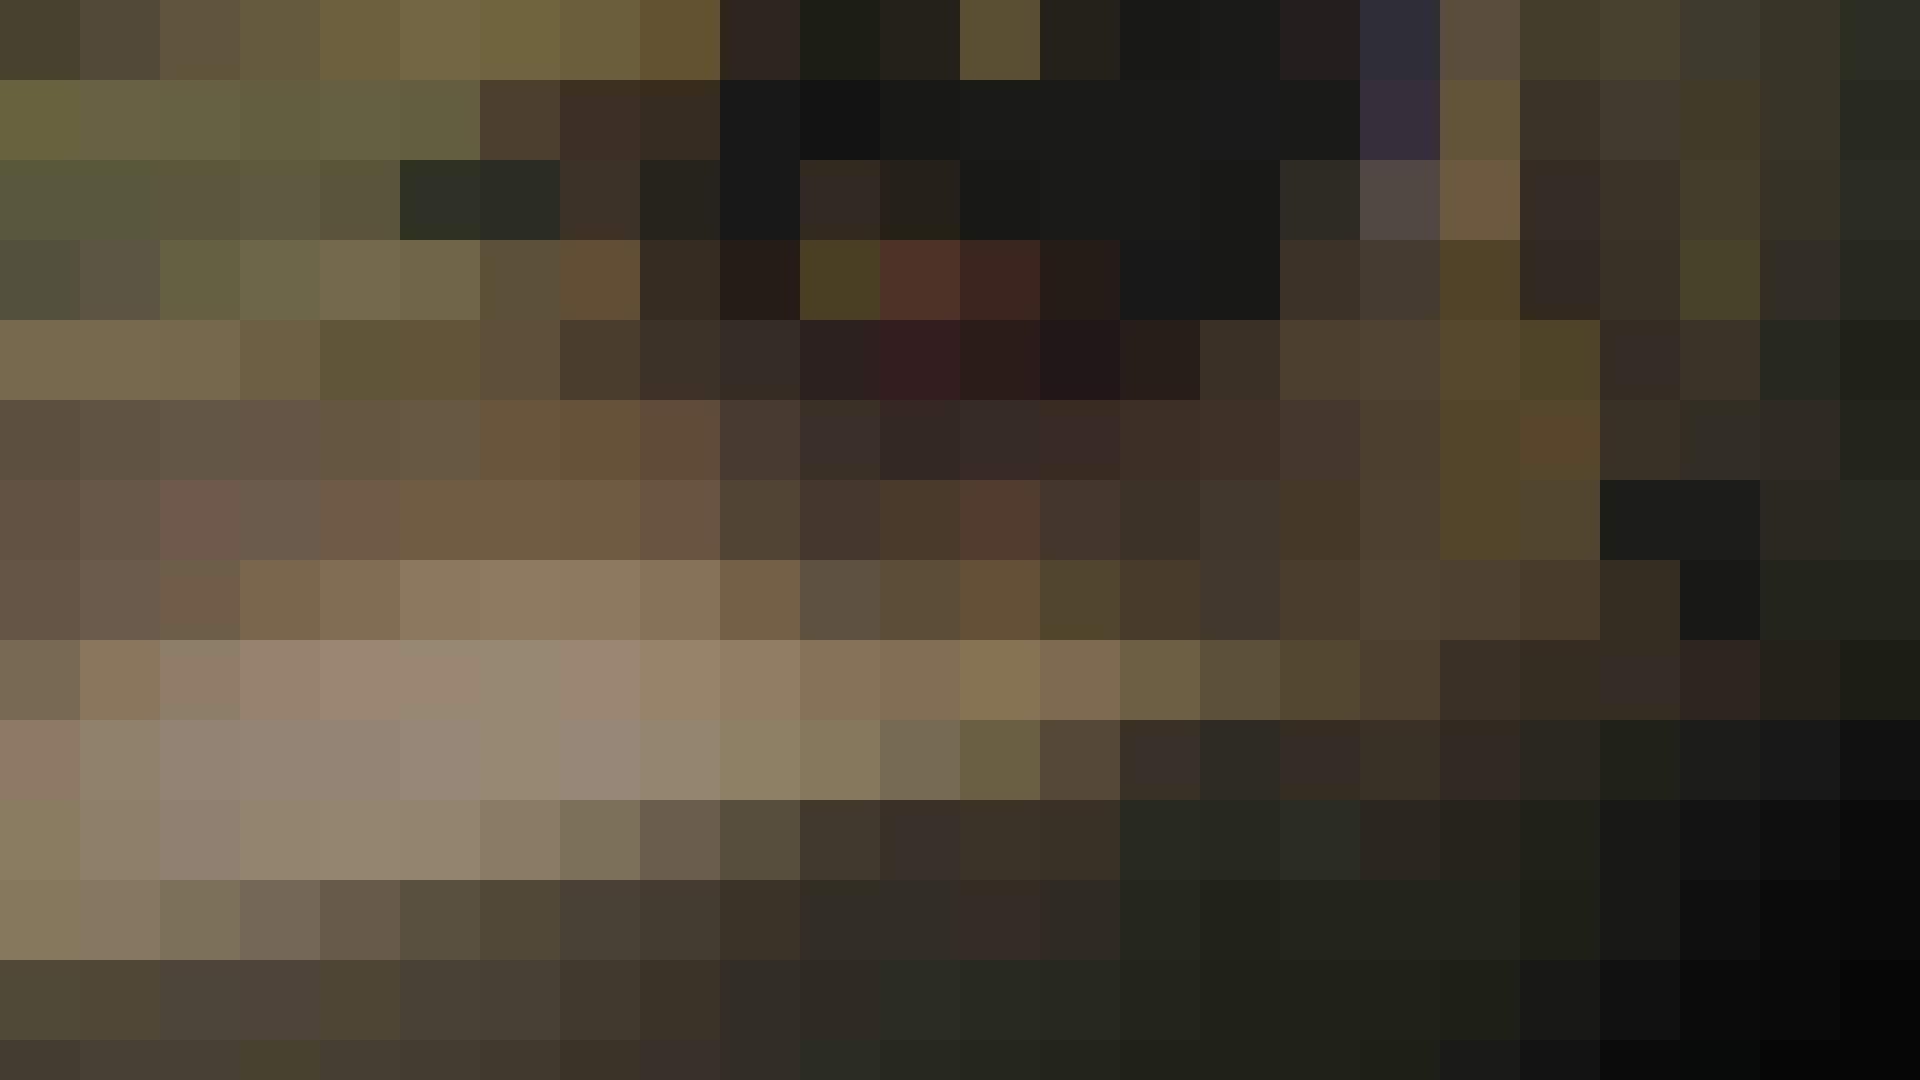 阿国ちゃんの「和式洋式七変化」No.18 iBO(フタコブ) 和式 盗撮 110PIX 93